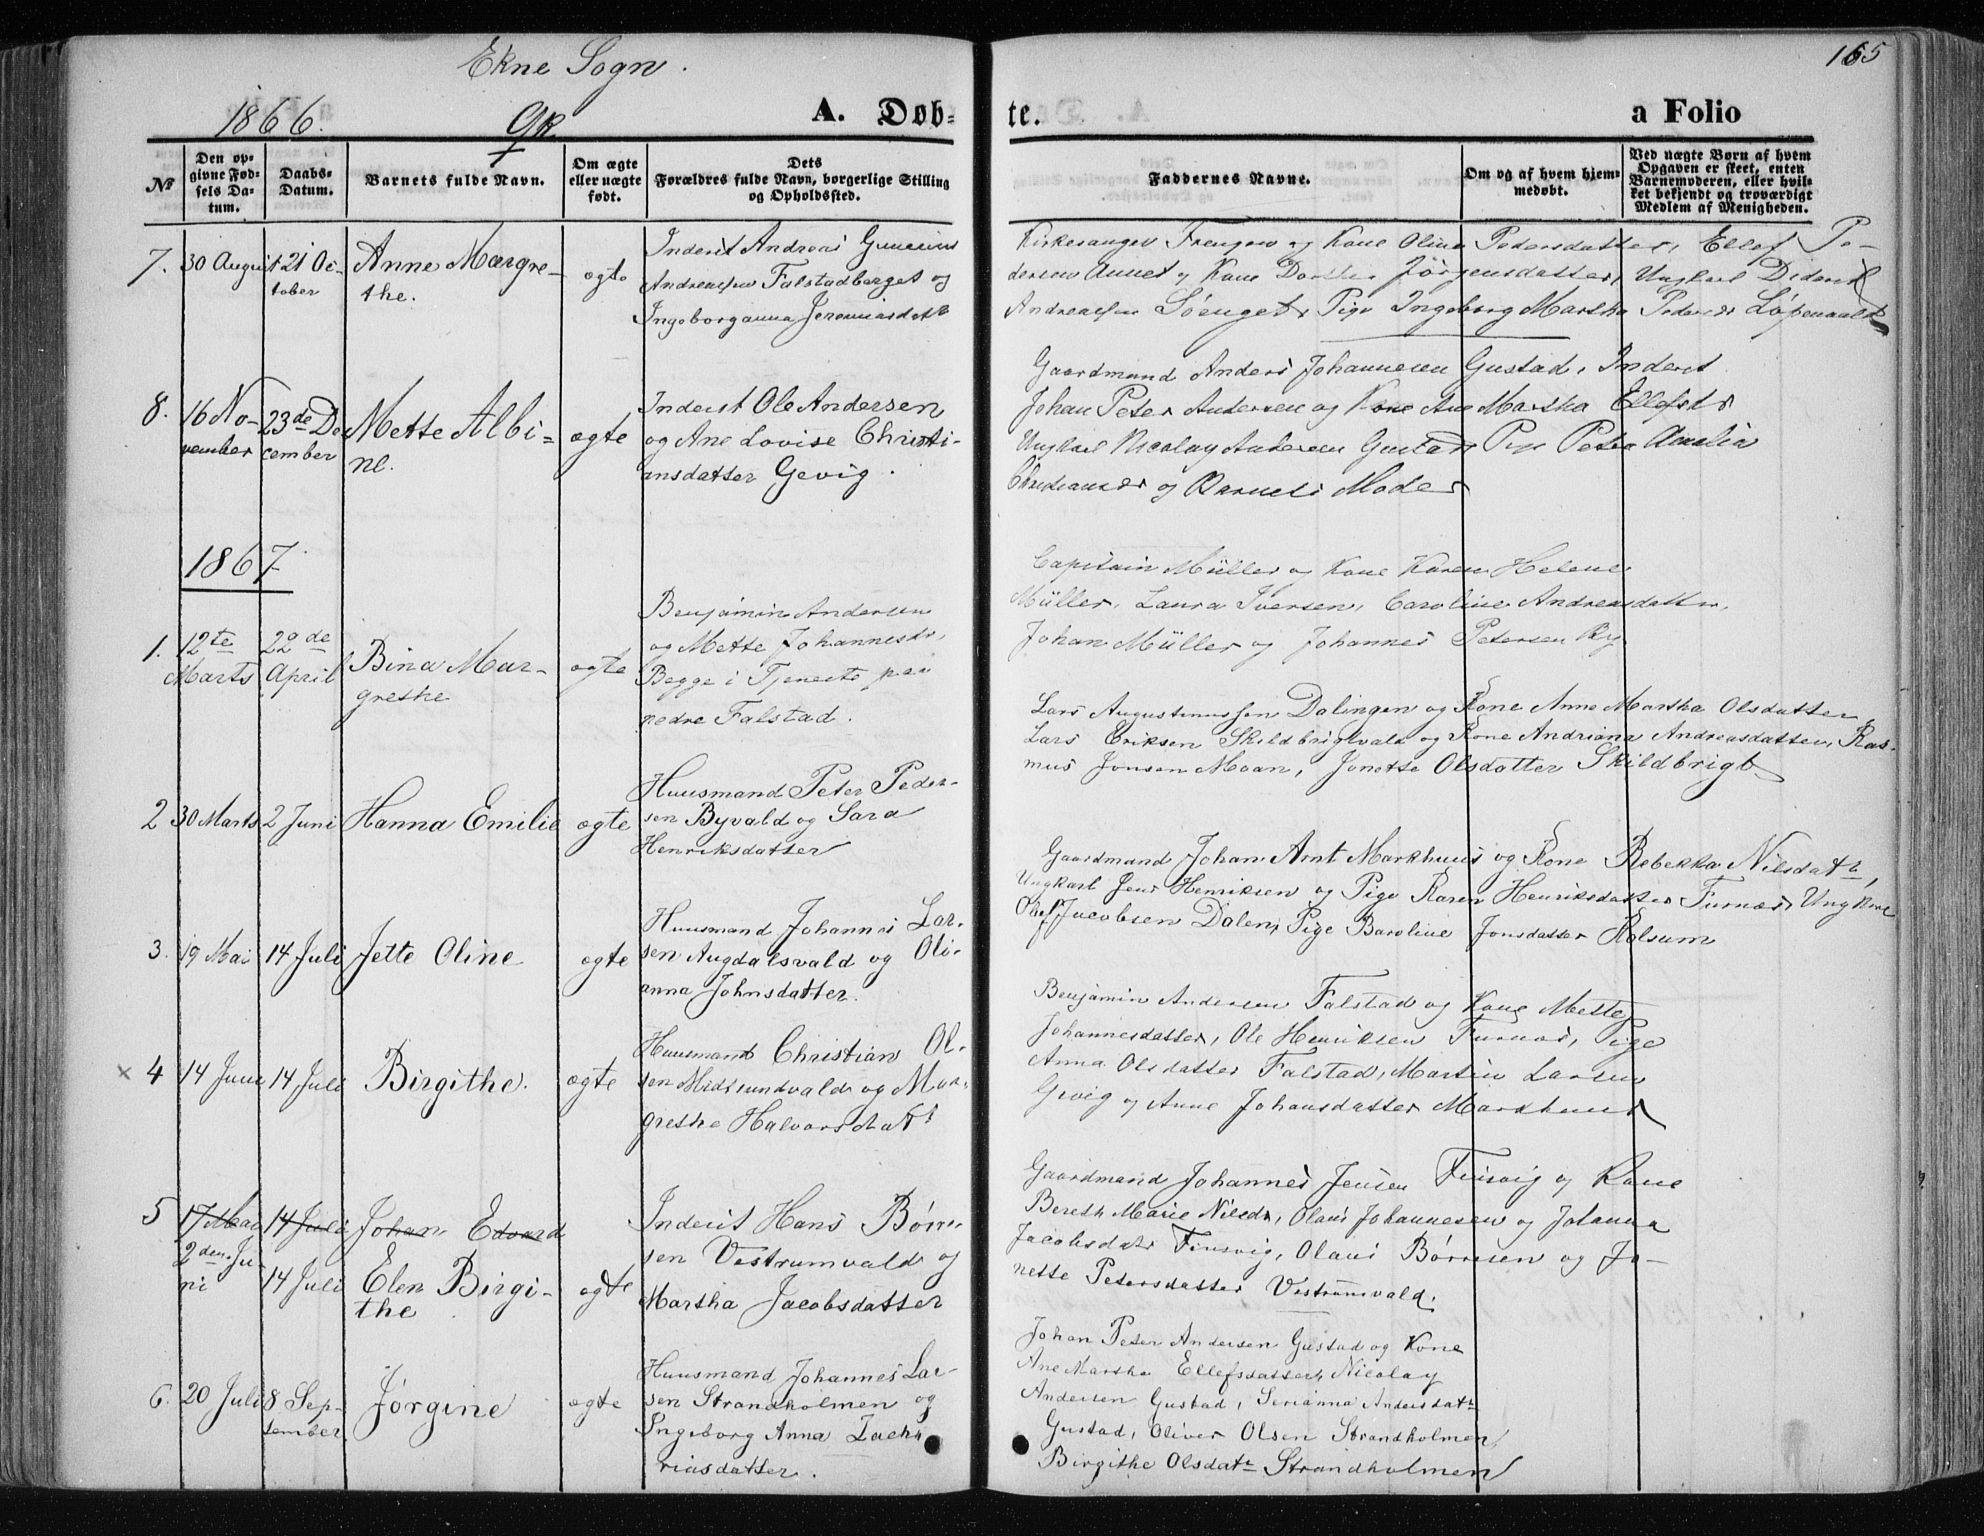 SAT, Ministerialprotokoller, klokkerbøker og fødselsregistre - Nord-Trøndelag, 717/L0158: Ministerialbok nr. 717A08 /2, 1863-1877, s. 165